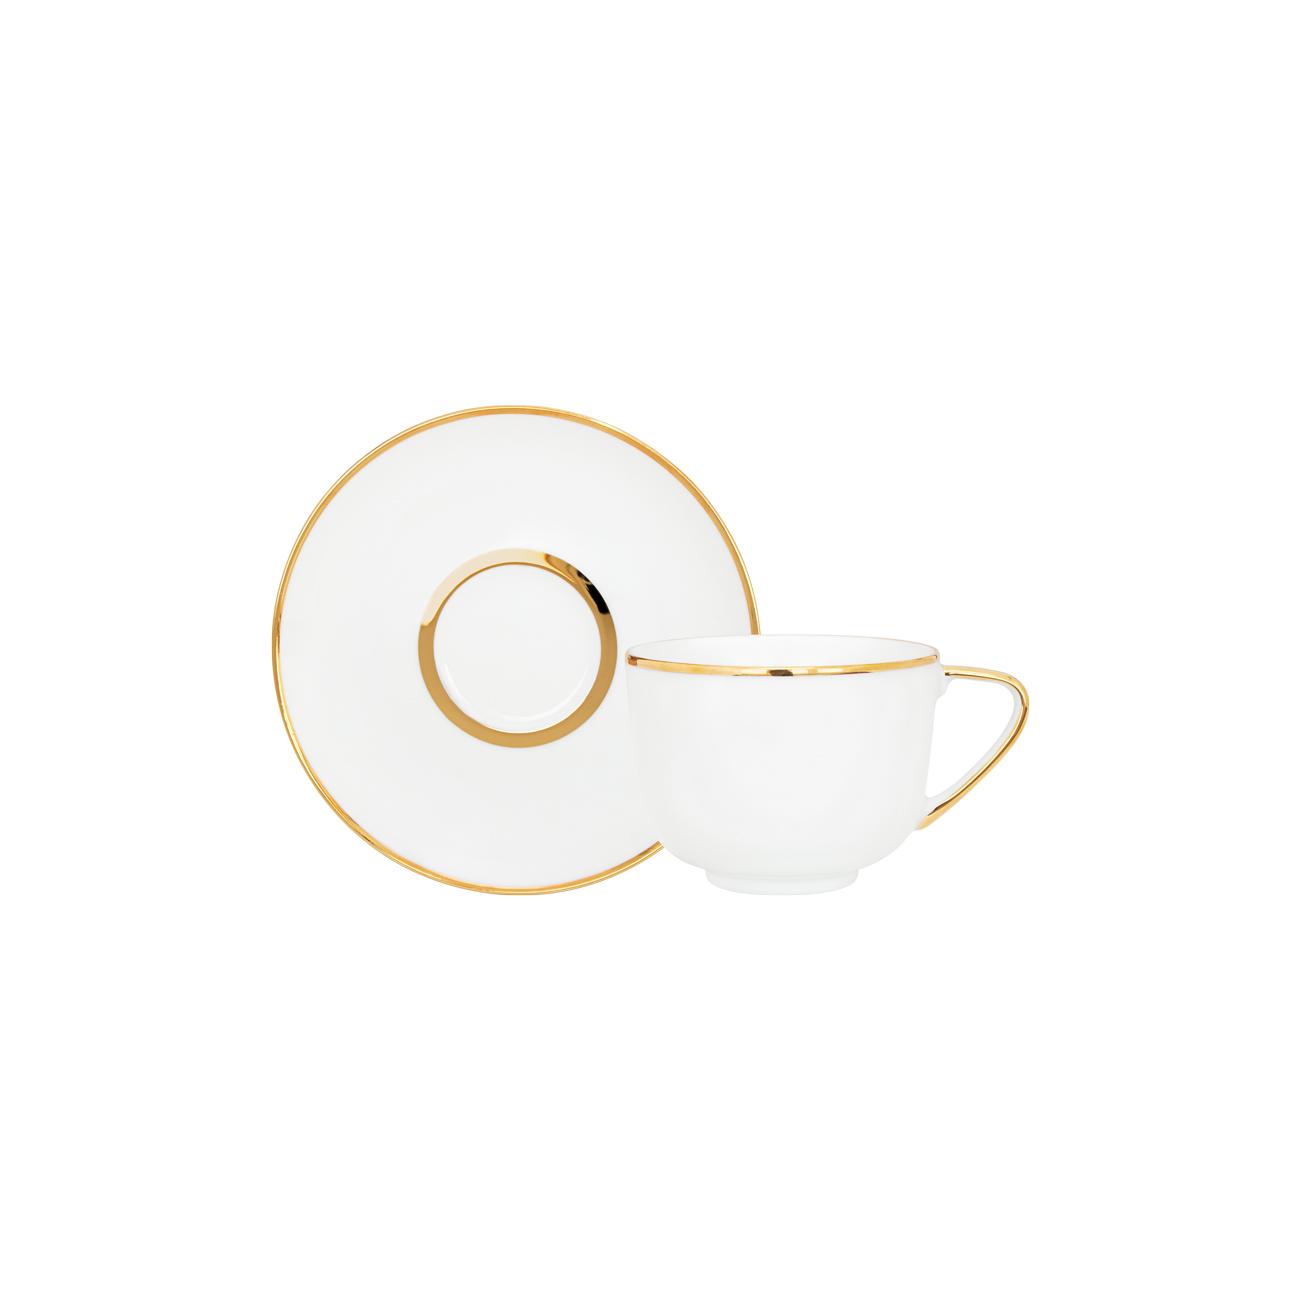 Pires Chá 15cm Olympus + Chávena Chá 28cl Coupe 0